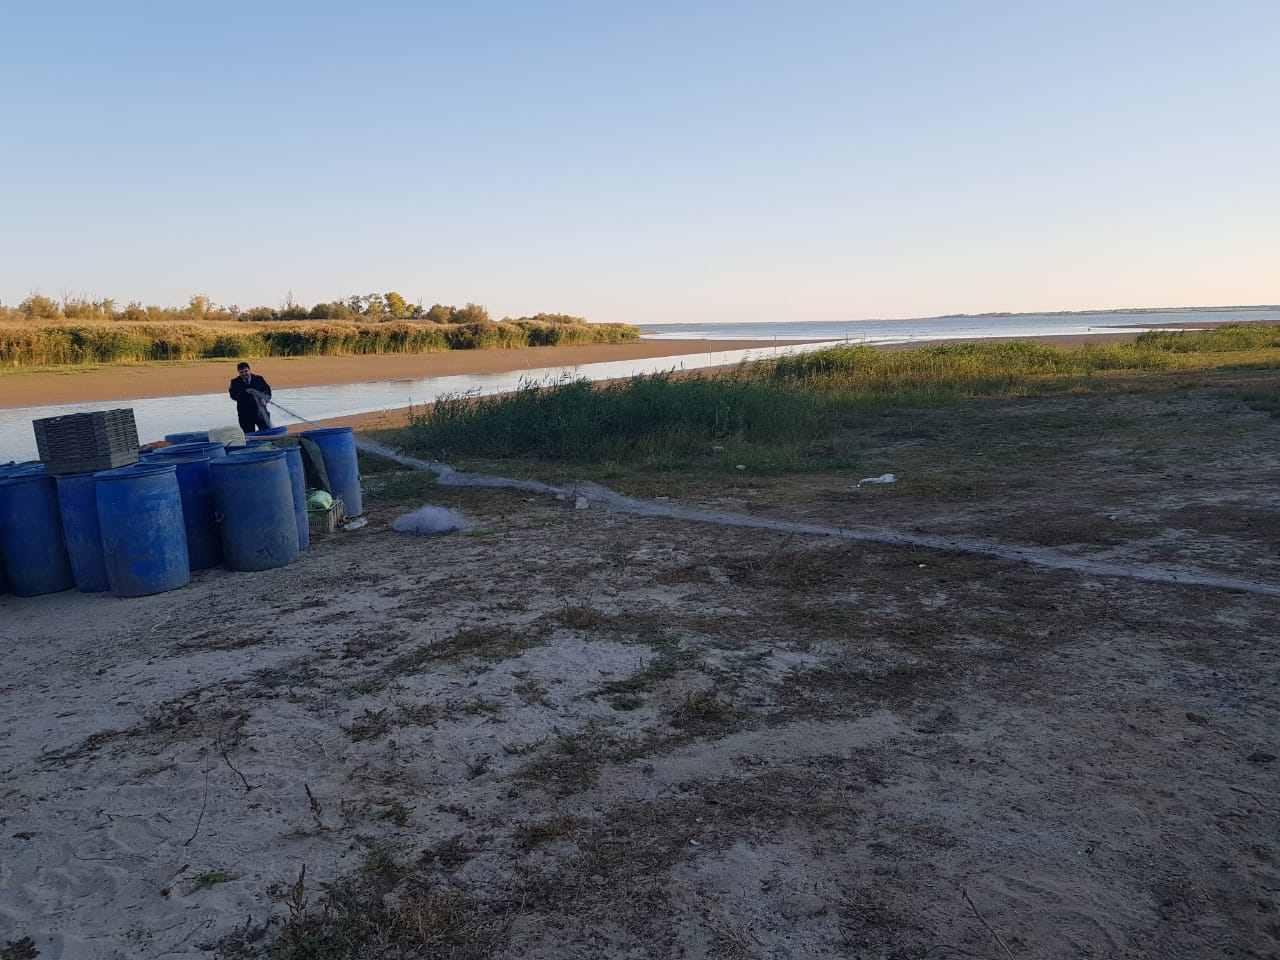 В Волгоградской области ФСБ помогла нанести удар по браконьерам